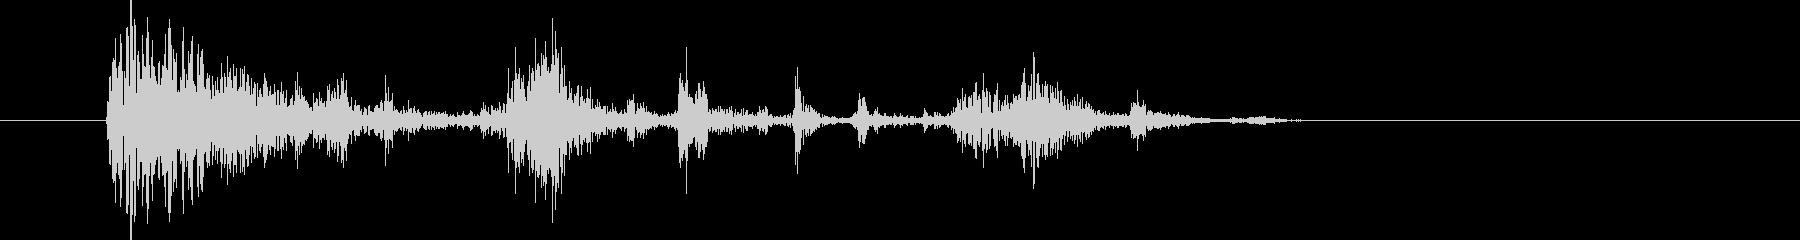 破壊する音02の未再生の波形